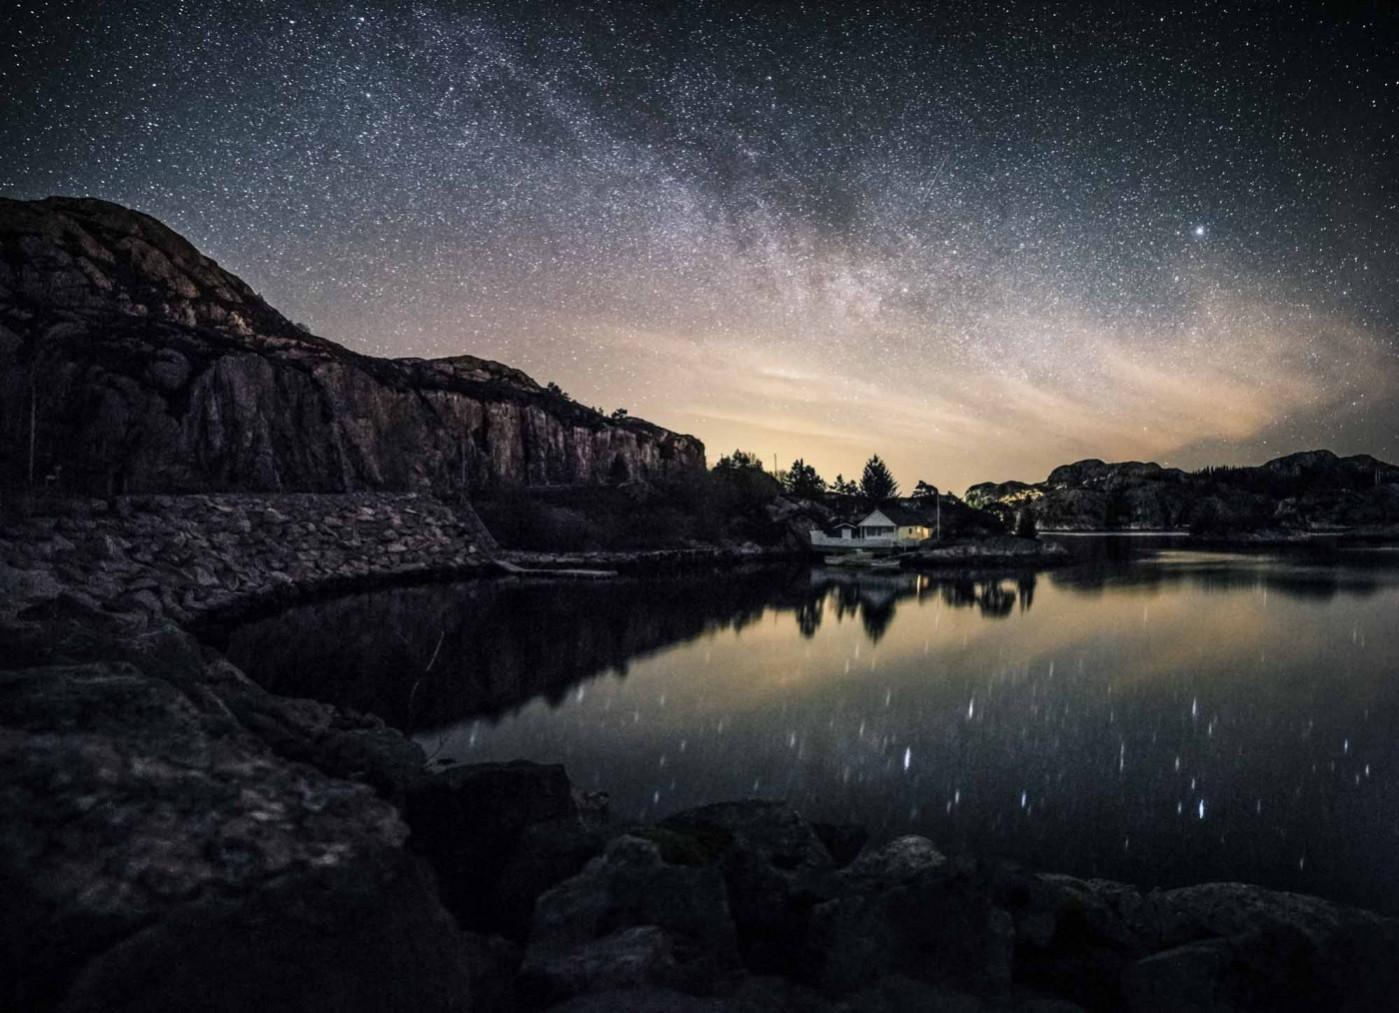 medium-format-astrophotography-6